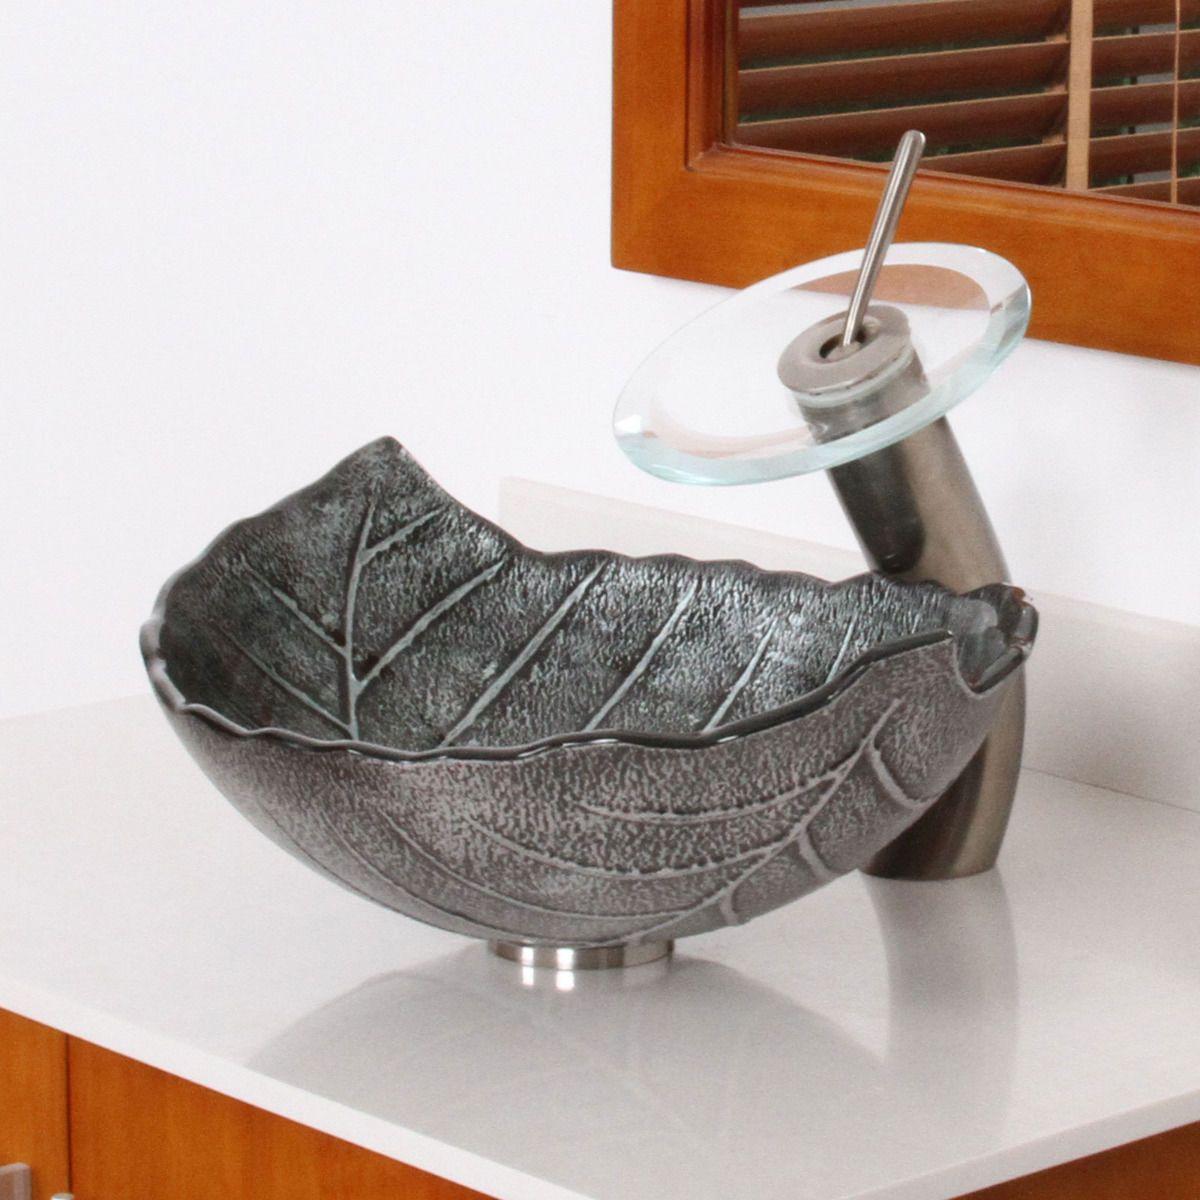 Bathroom Winter Leaves Design Glass Vessel Sink Nickel Waterfall